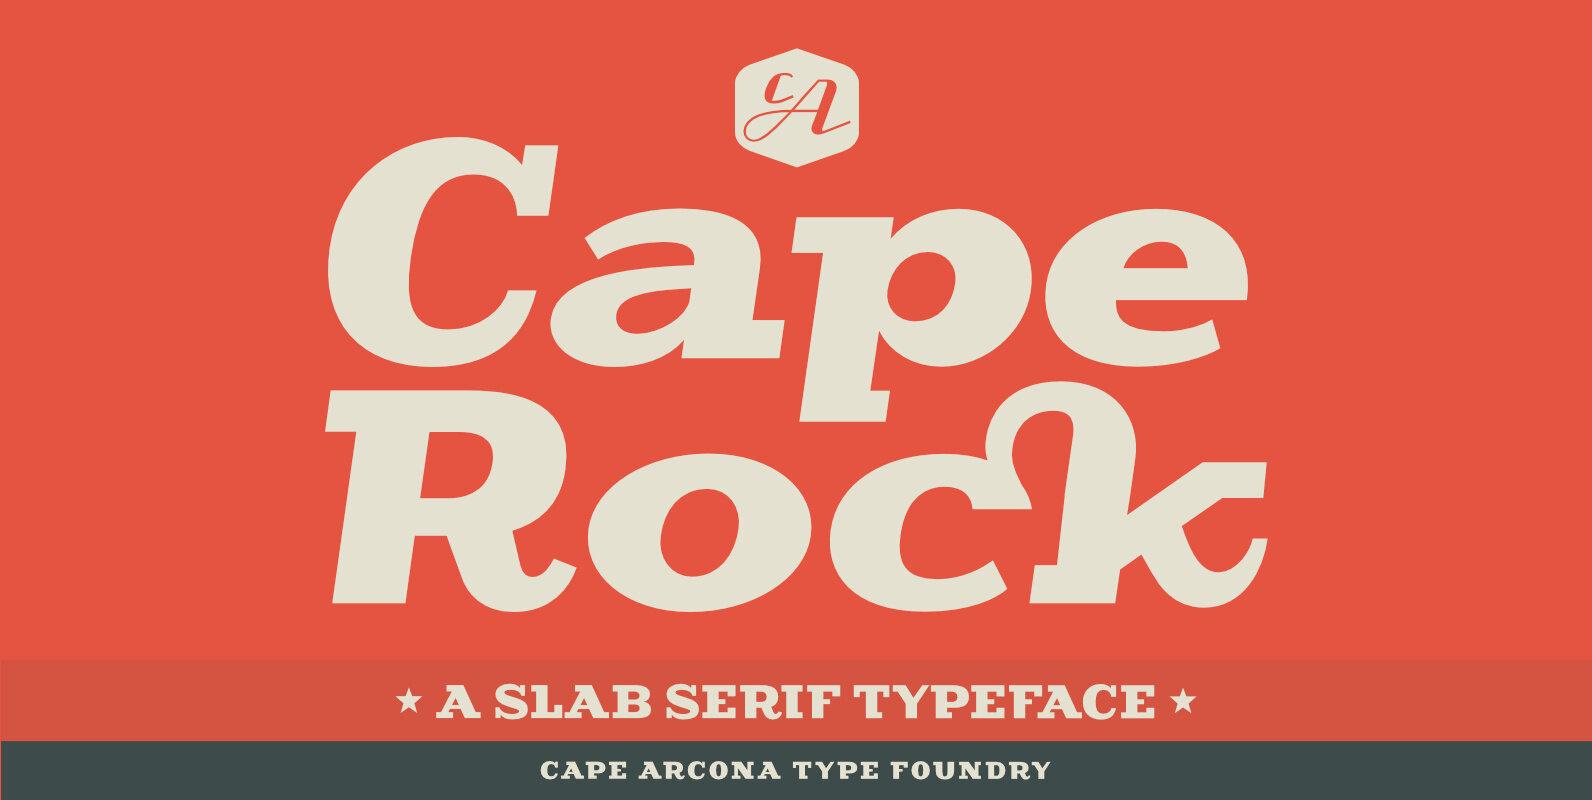 CA CapeRock